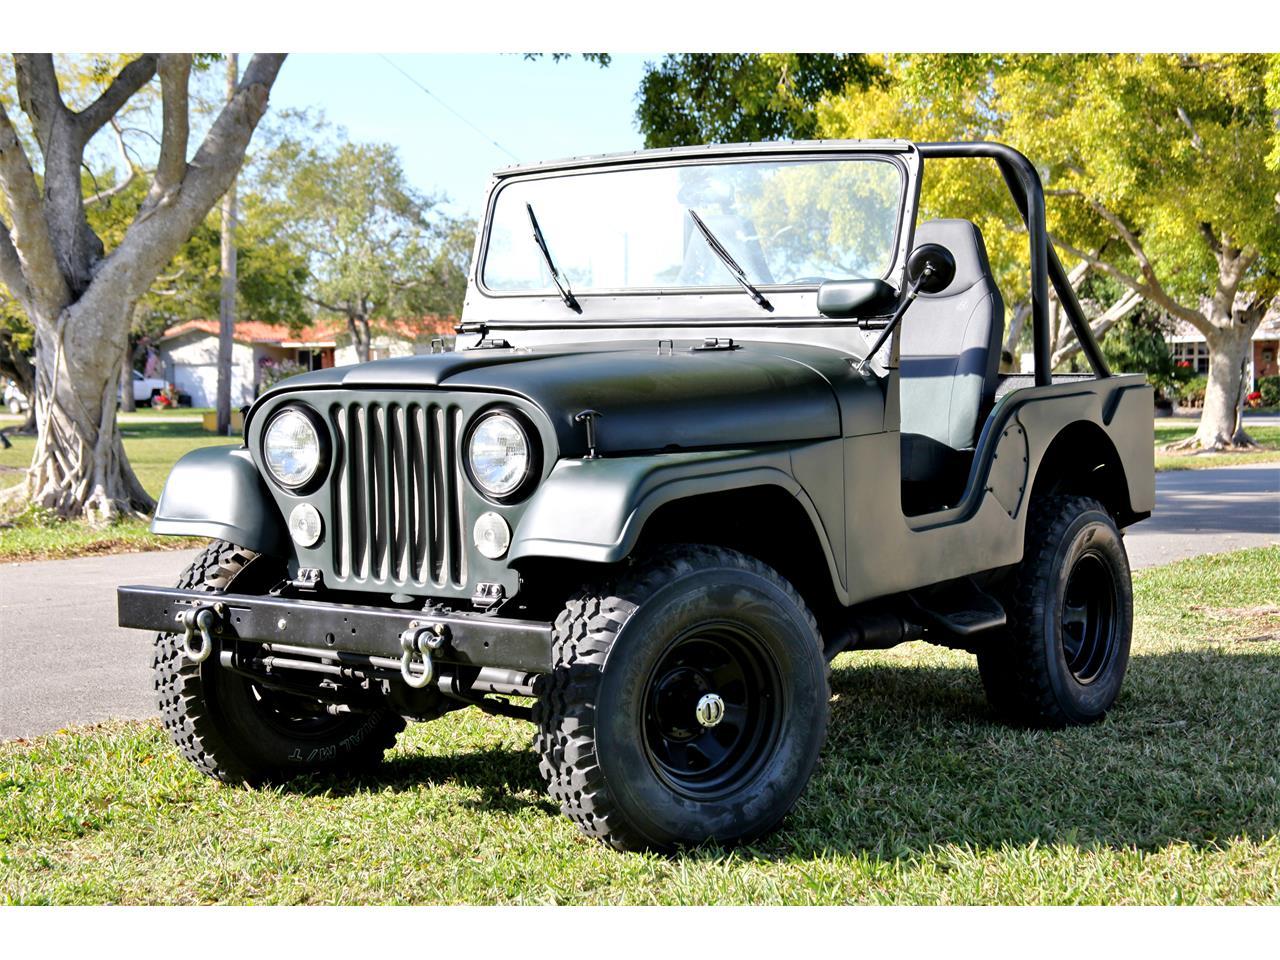 Jeep Willys For Sale >> 1953 Jeep Willys For Sale Classiccars Com Cc 1232416